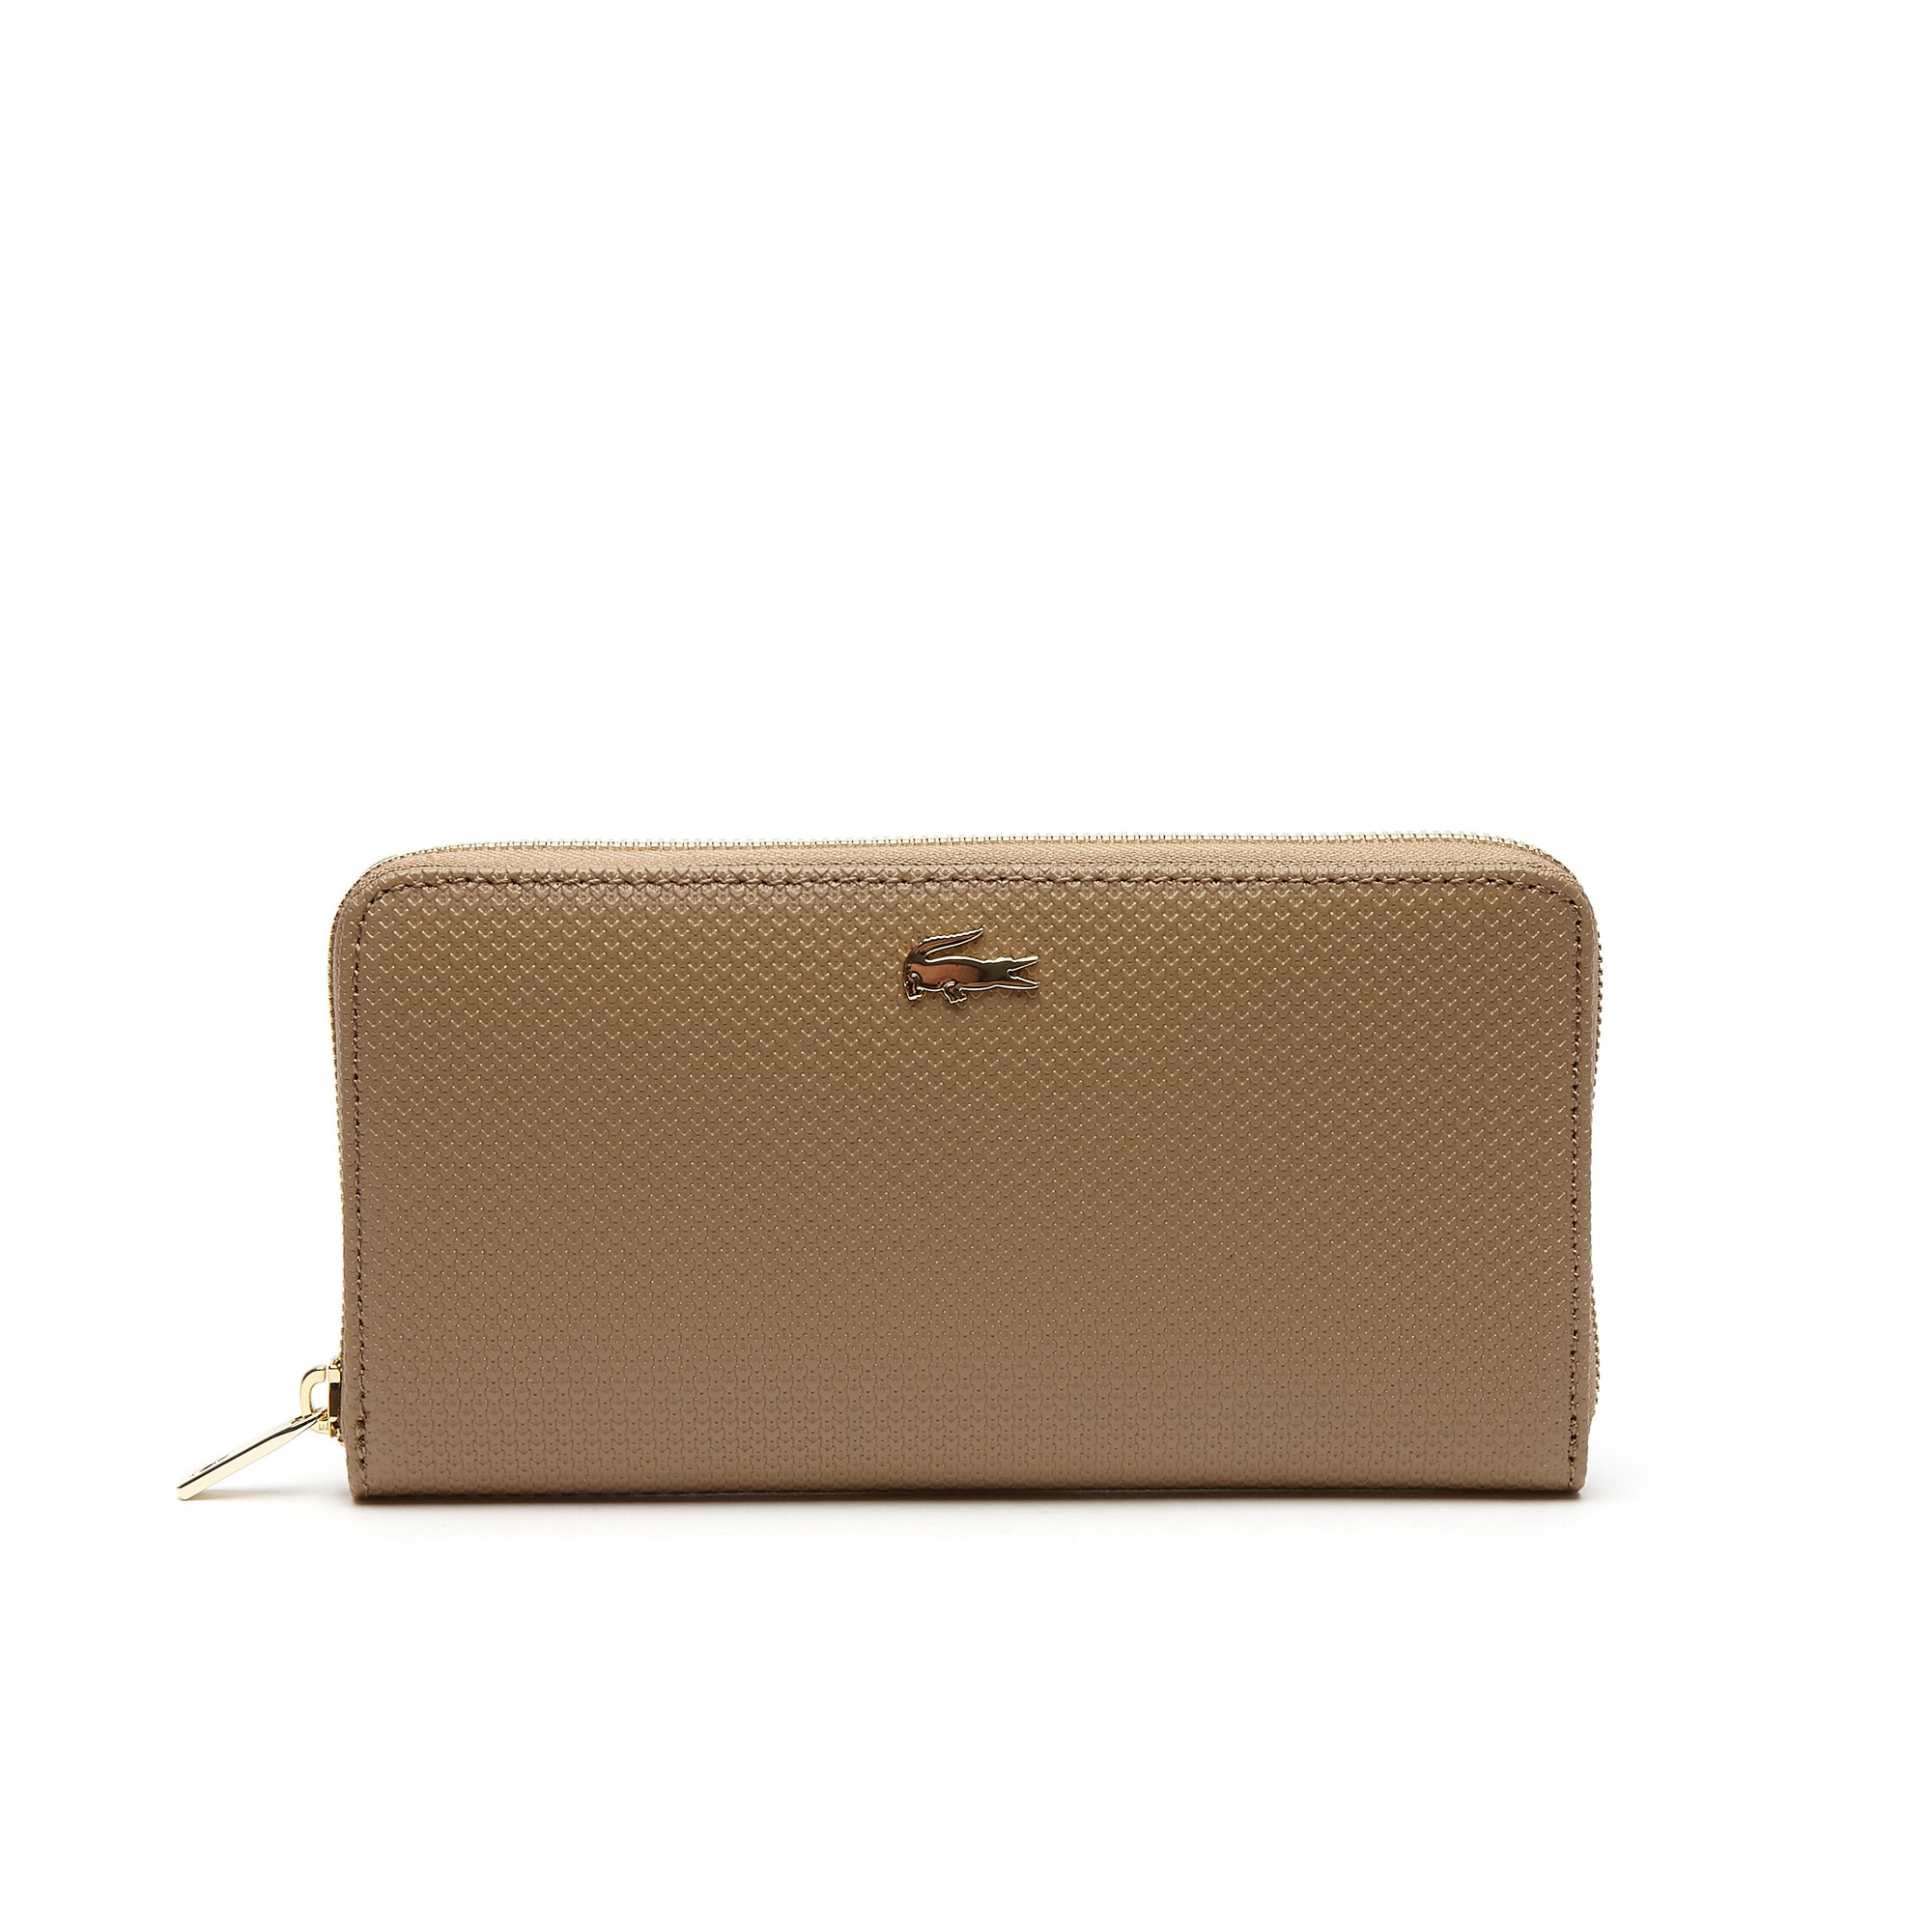 Damen Chantaco Brieftasche aus Piqué-Leder mit Reißverschluss